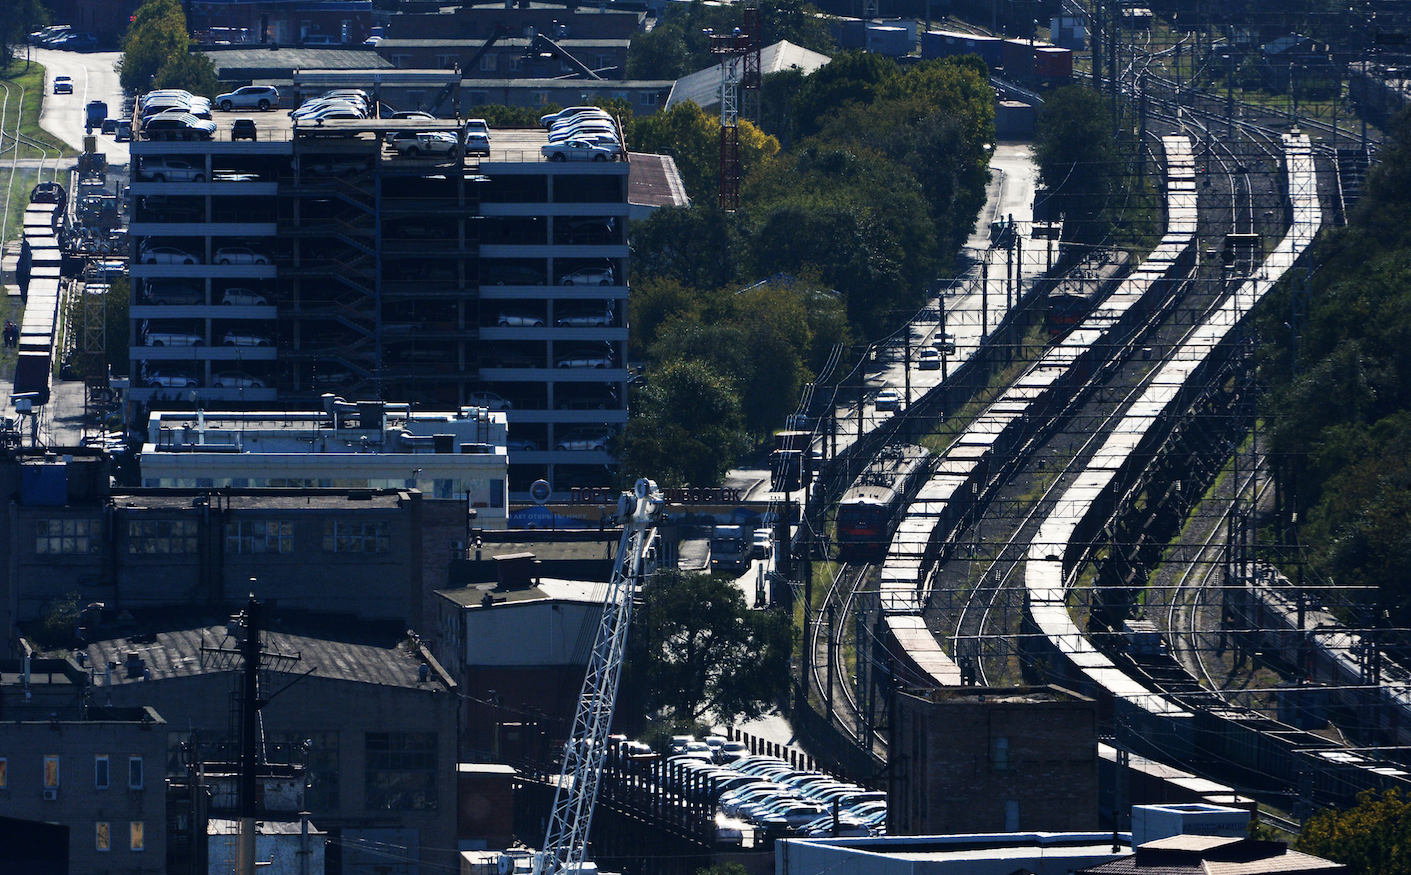 <p><span>Железнодорожные составы на участке Транссибирской железнодорожной магистрали во Владивостоке.&nbsp;Фото: &copy; РИА &ldquo;Новости&rdquo; /&nbsp;&nbsp;Виталий Аньков</span></p>